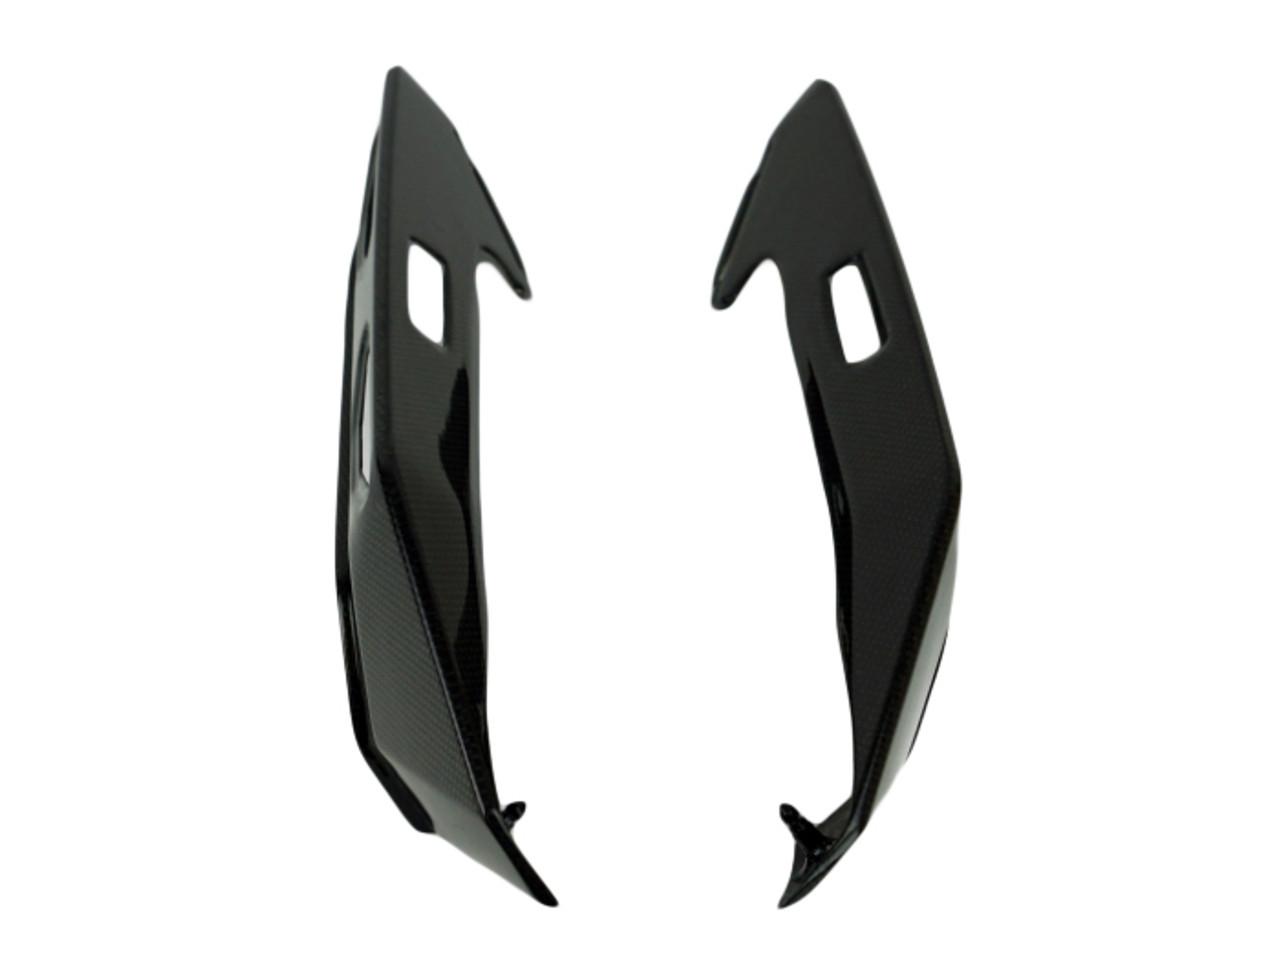 Tail Fairings in Glossy Plain Weave Carbon Fiber for KTM 1290 Super Duke GT